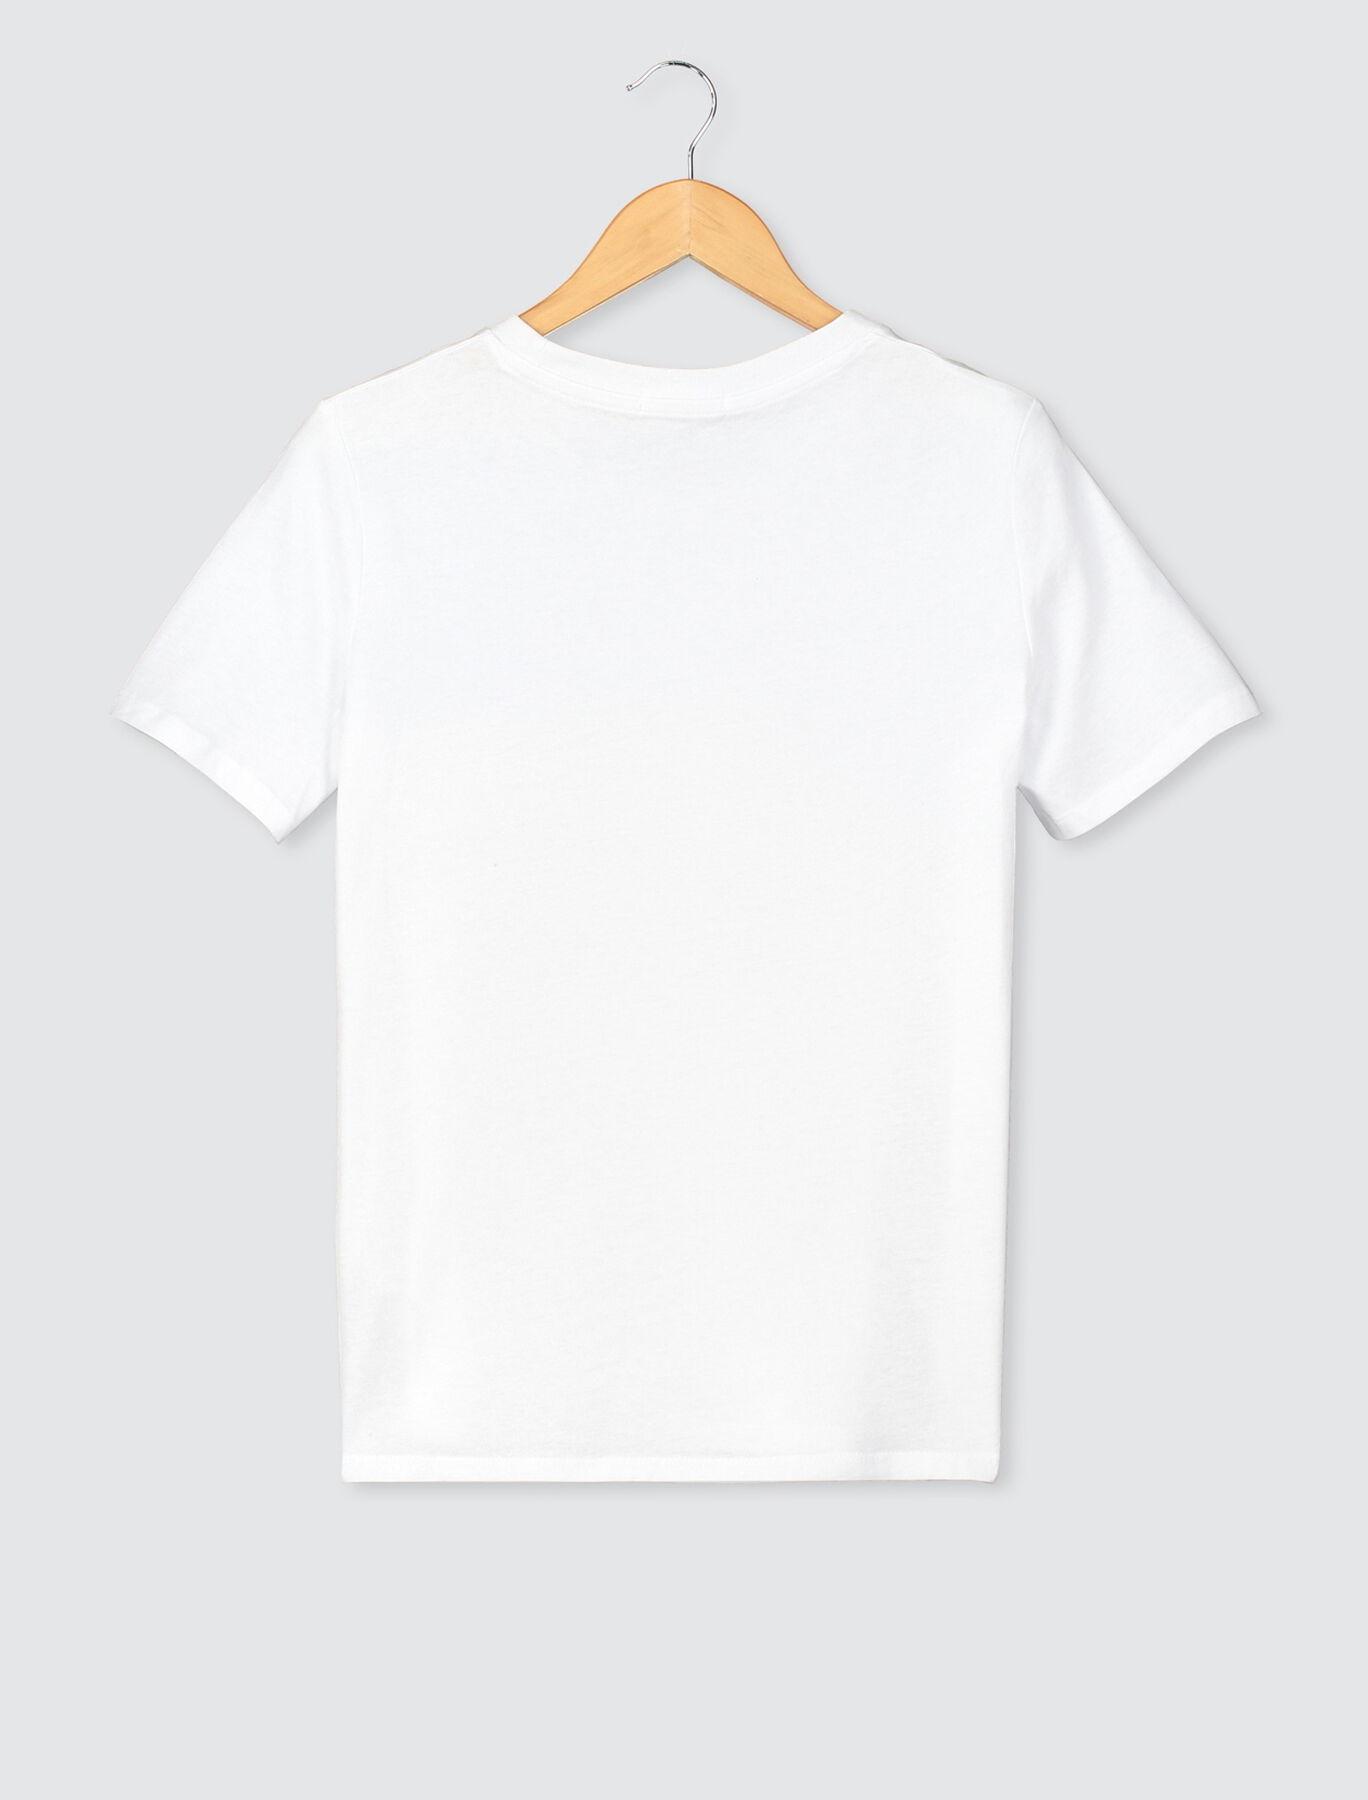 T-shirt confinement mood bio